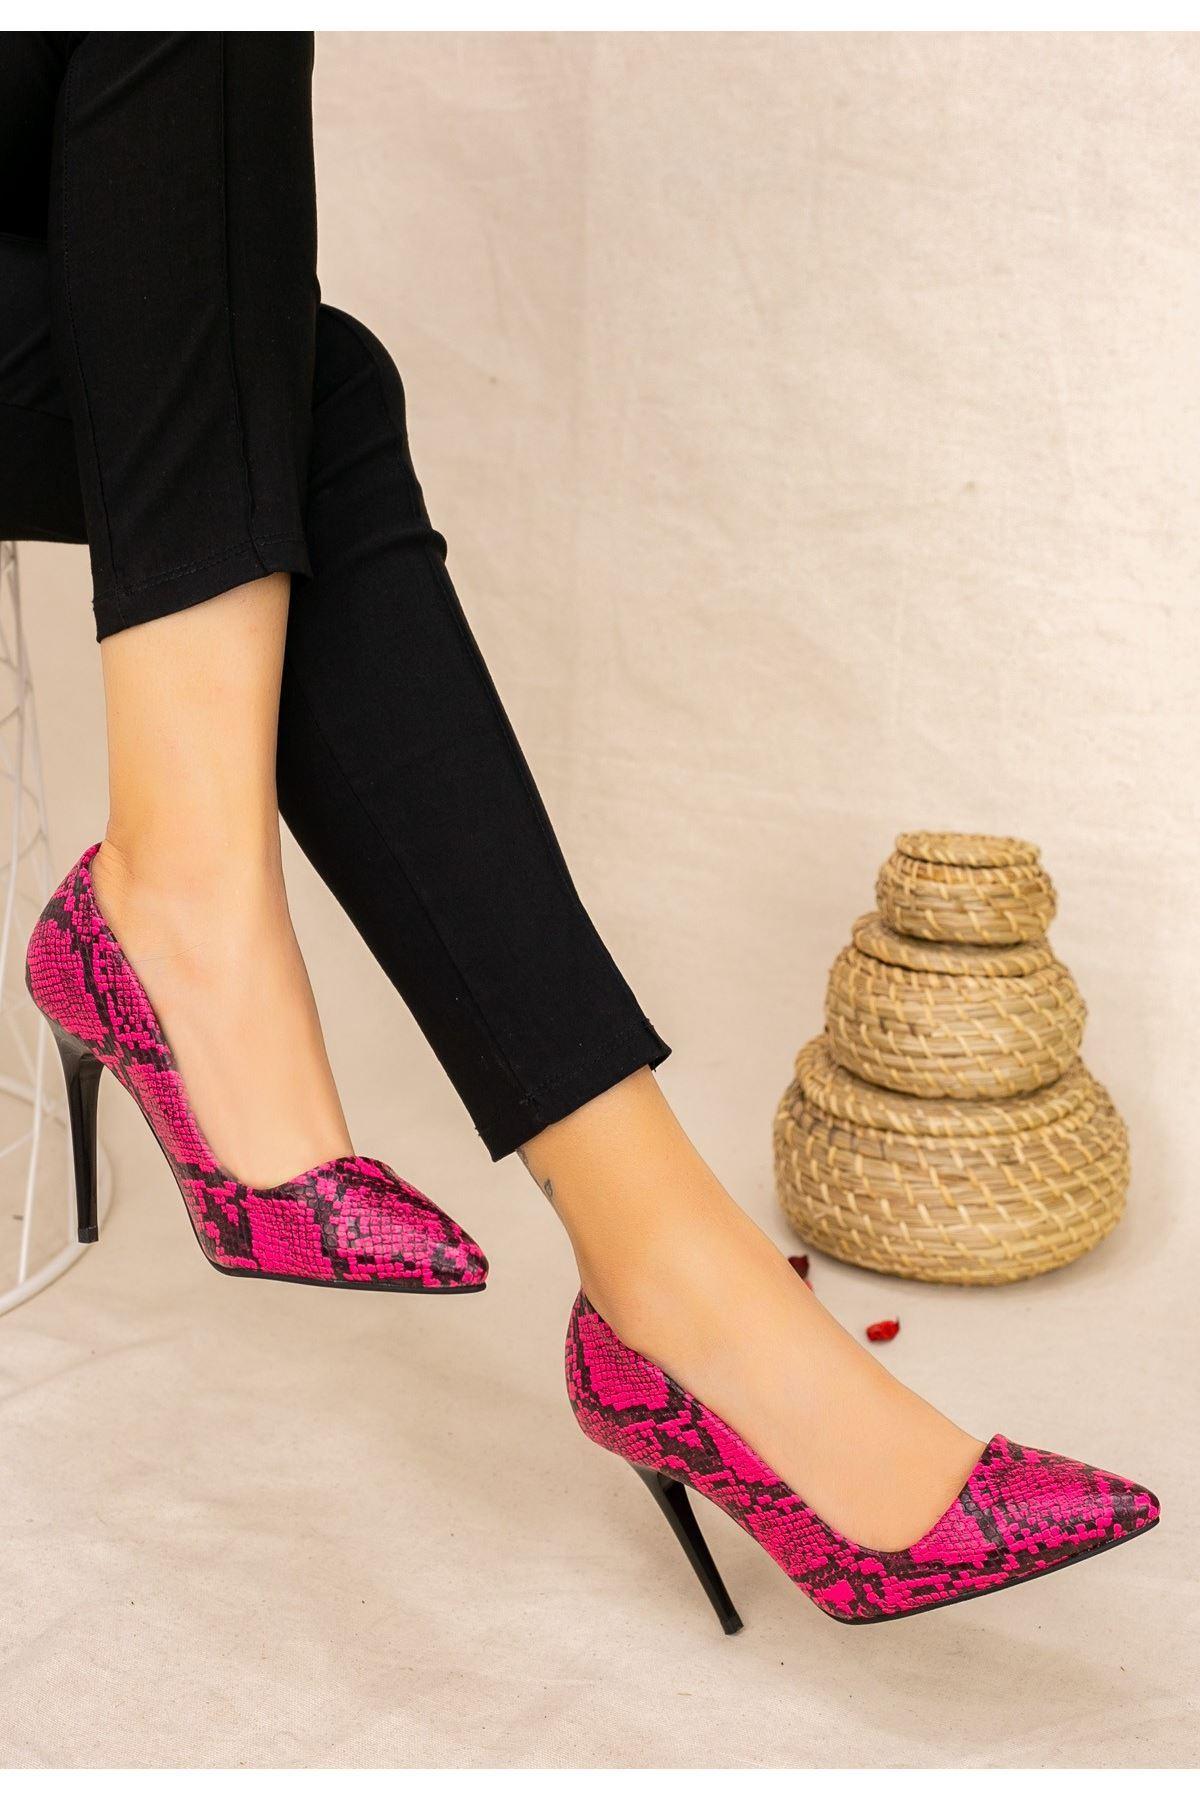 Reme Fuşya Cilt Yılan Detaylı Stiletto Ayakkabı